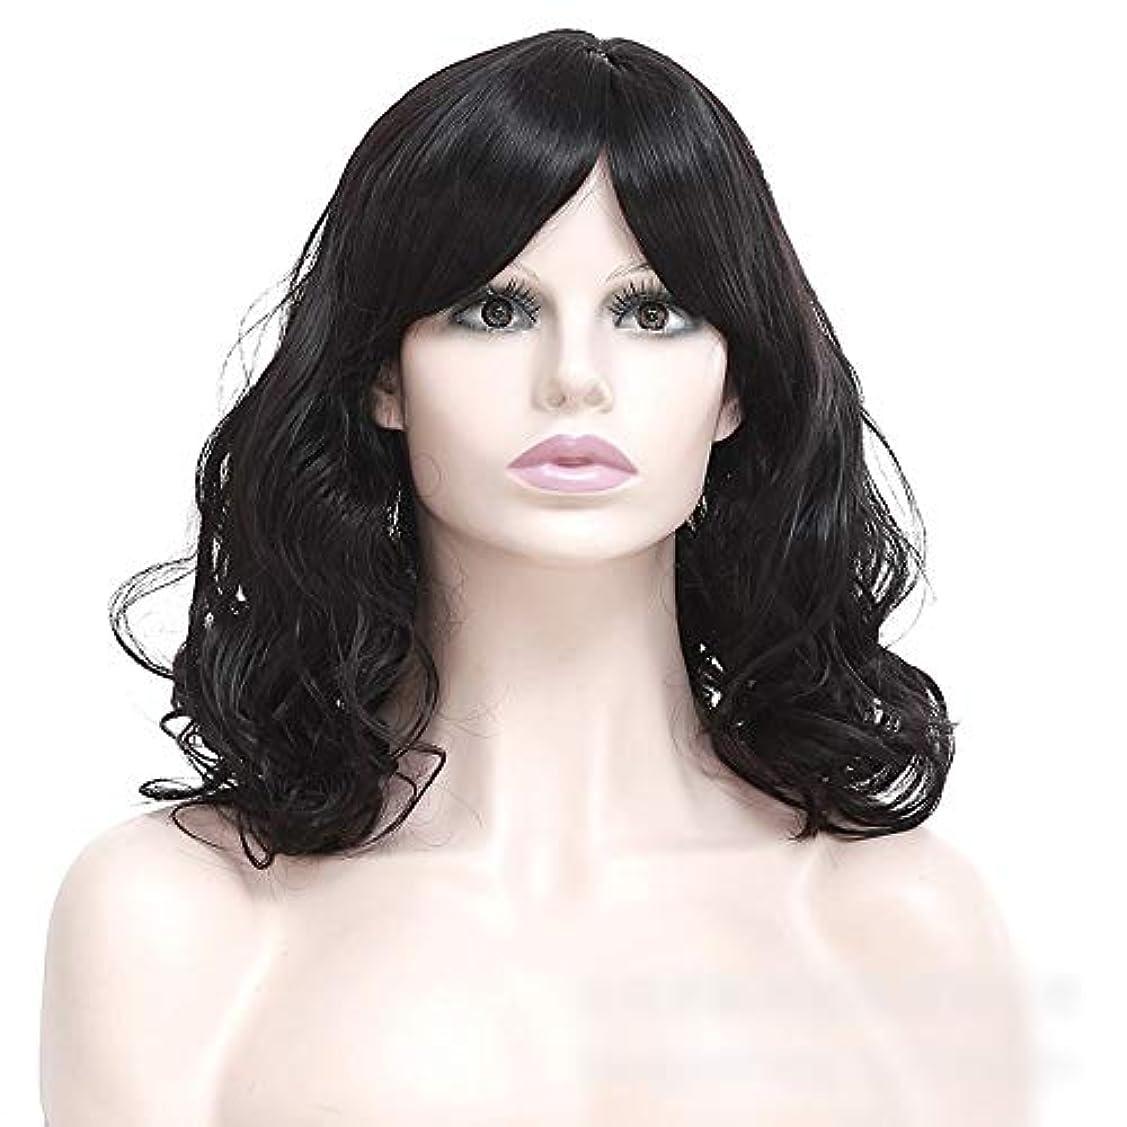 オーチャードラウンジセラフWASAIO 女性の短い巻き毛のかつら髪黒ふわふわの短い巻き毛 (色 : 黒)